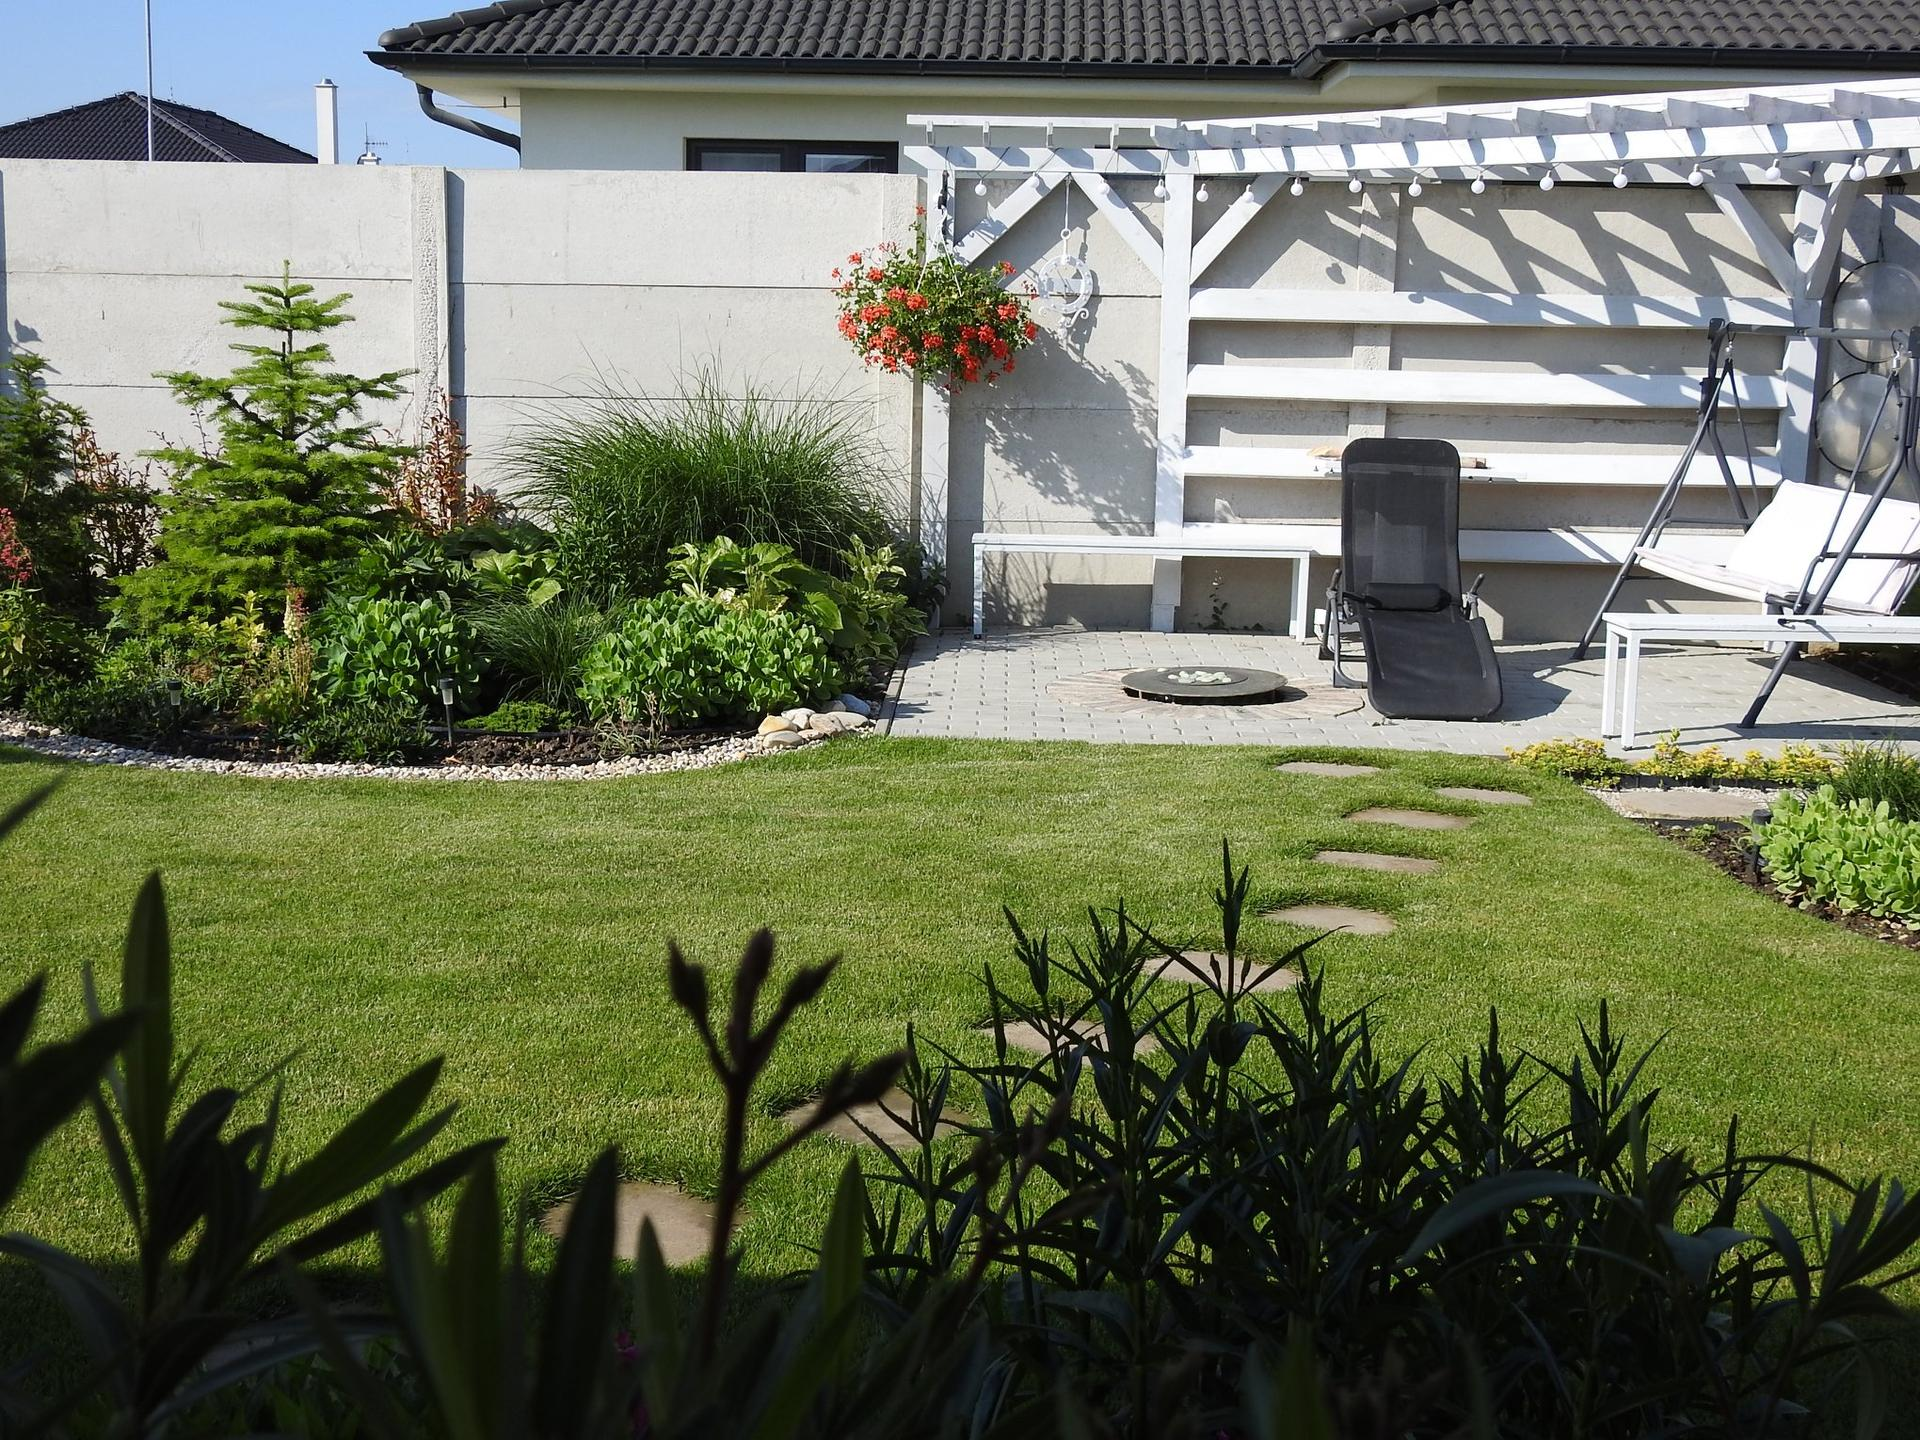 Návrh aj realizácia záhrady v mojom ponímaní - Vzdušná, drevená pergola. Miesto ma grilovanie, opekanie a iné kulinárske činnosti